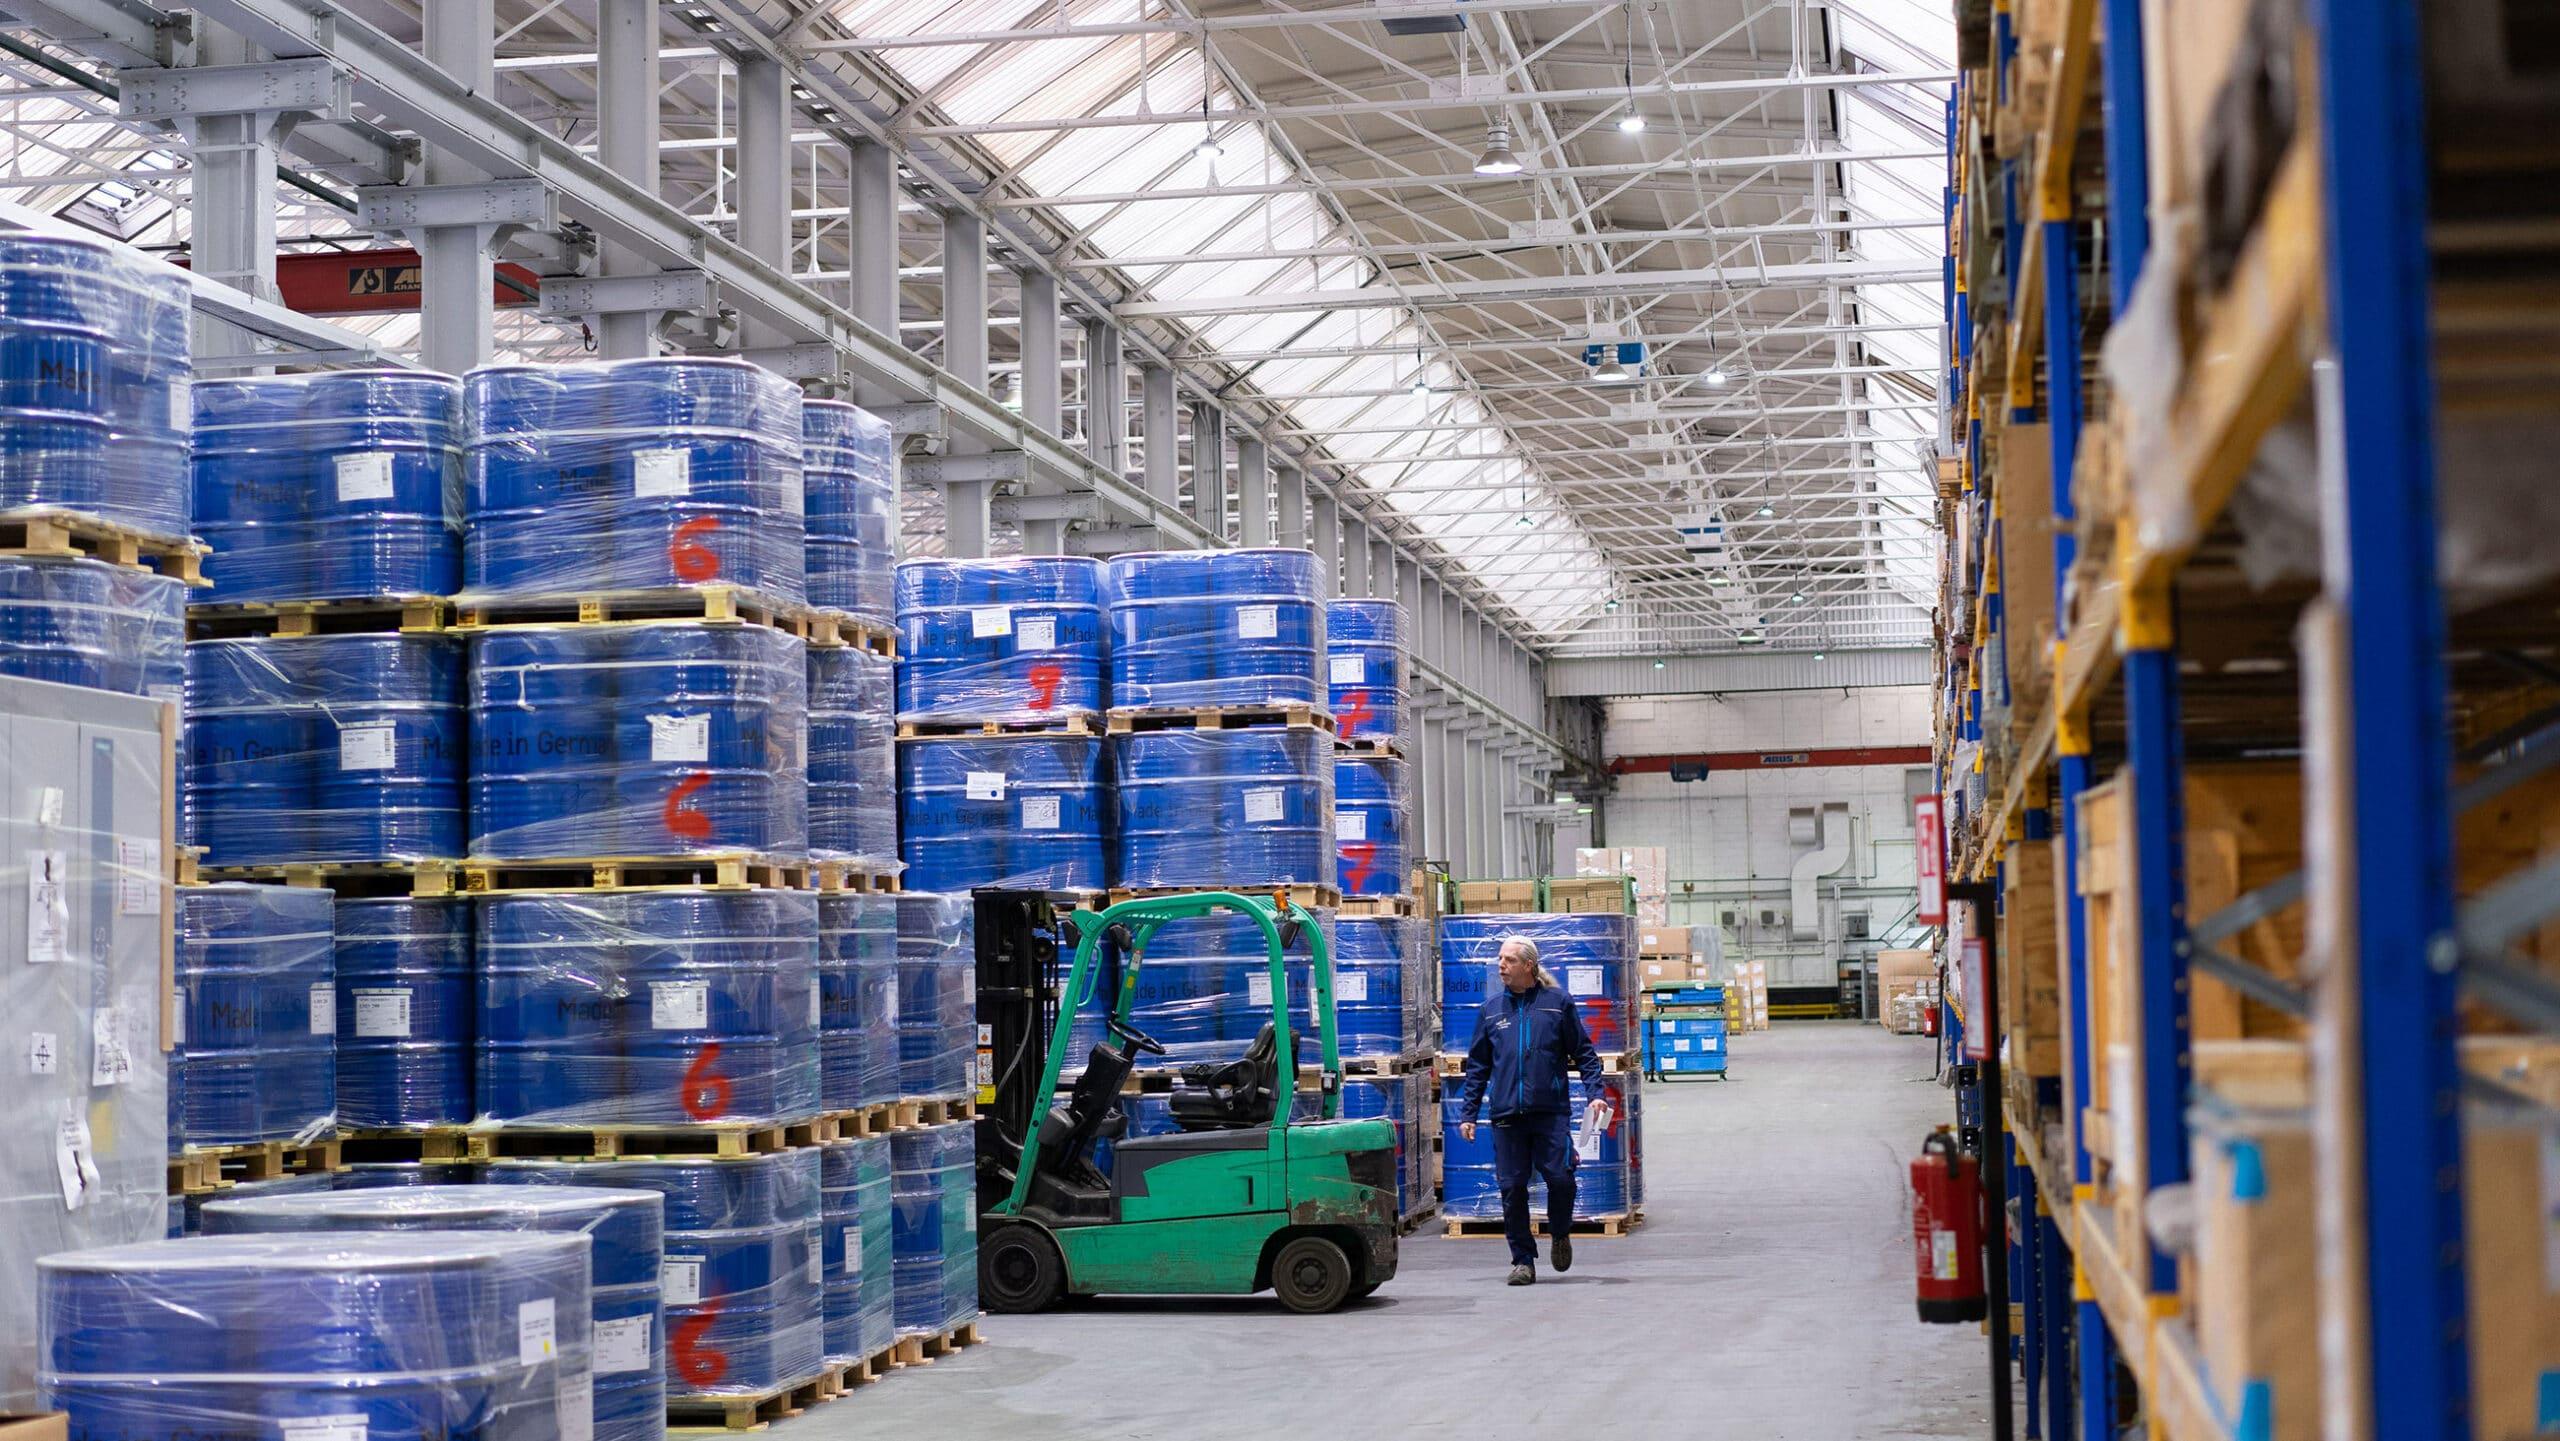 Essen: duisport packing logistics GmbH